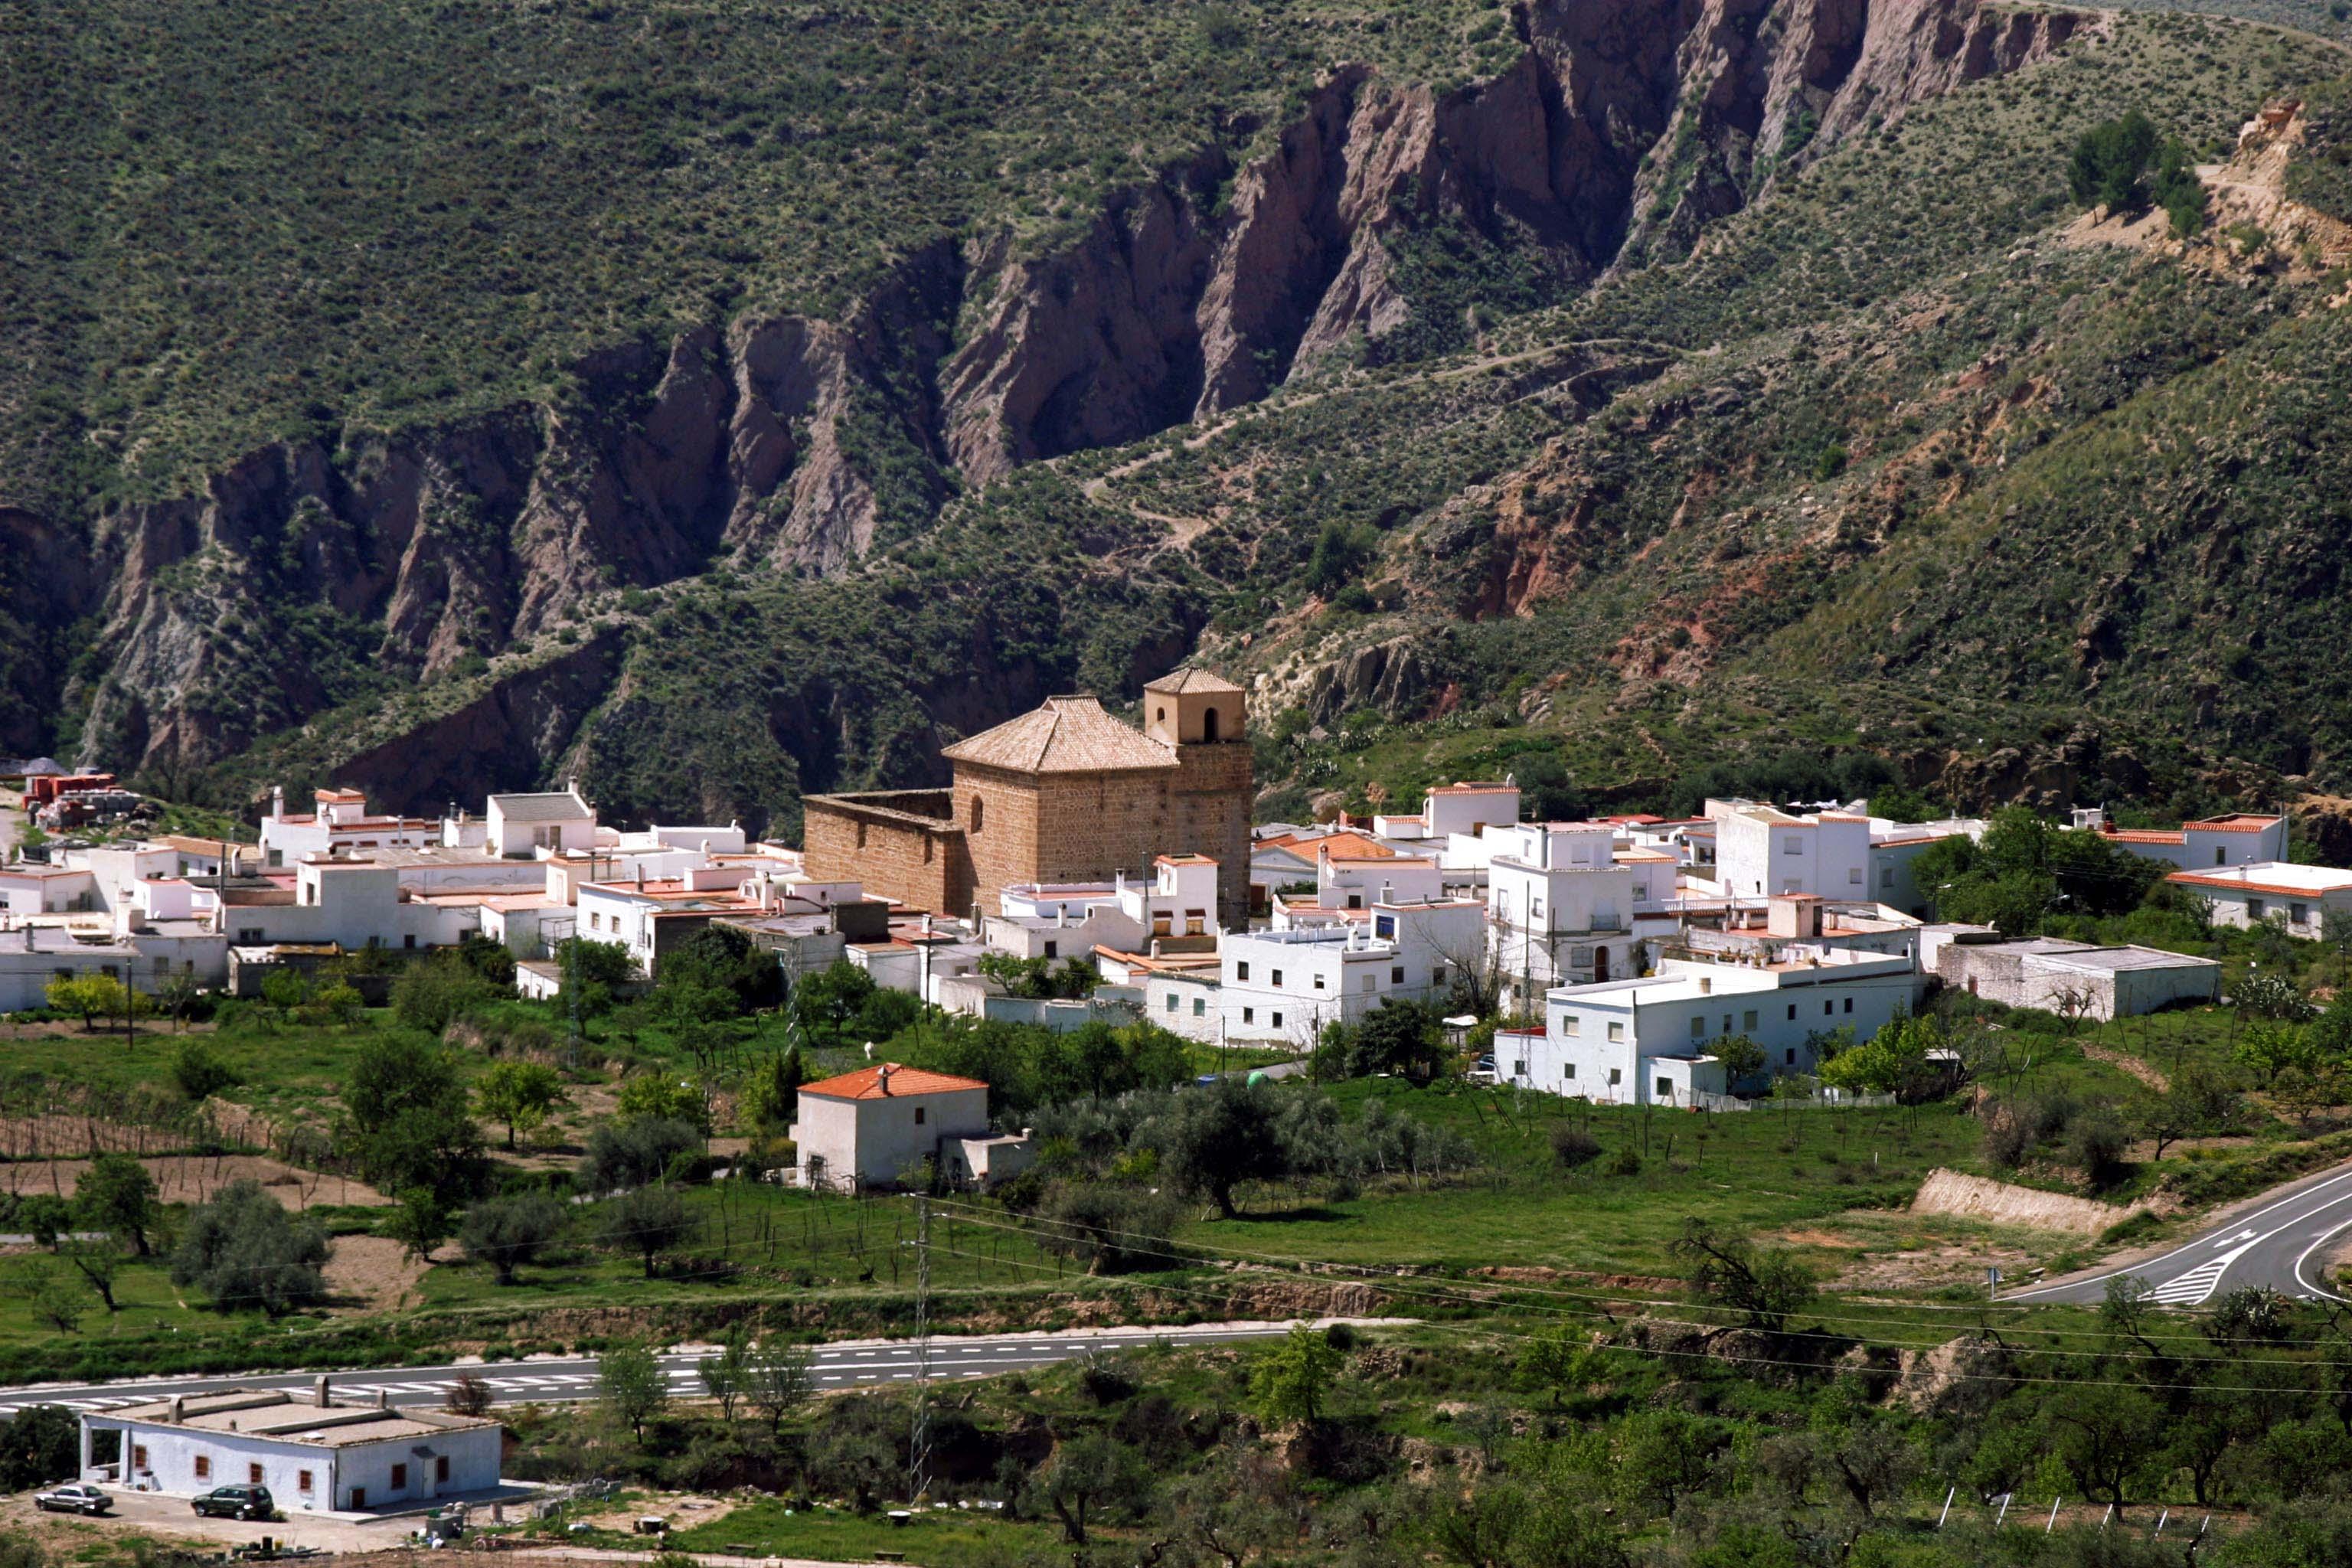 Vista general de Almócita. © Fotografía: Pako Manzano